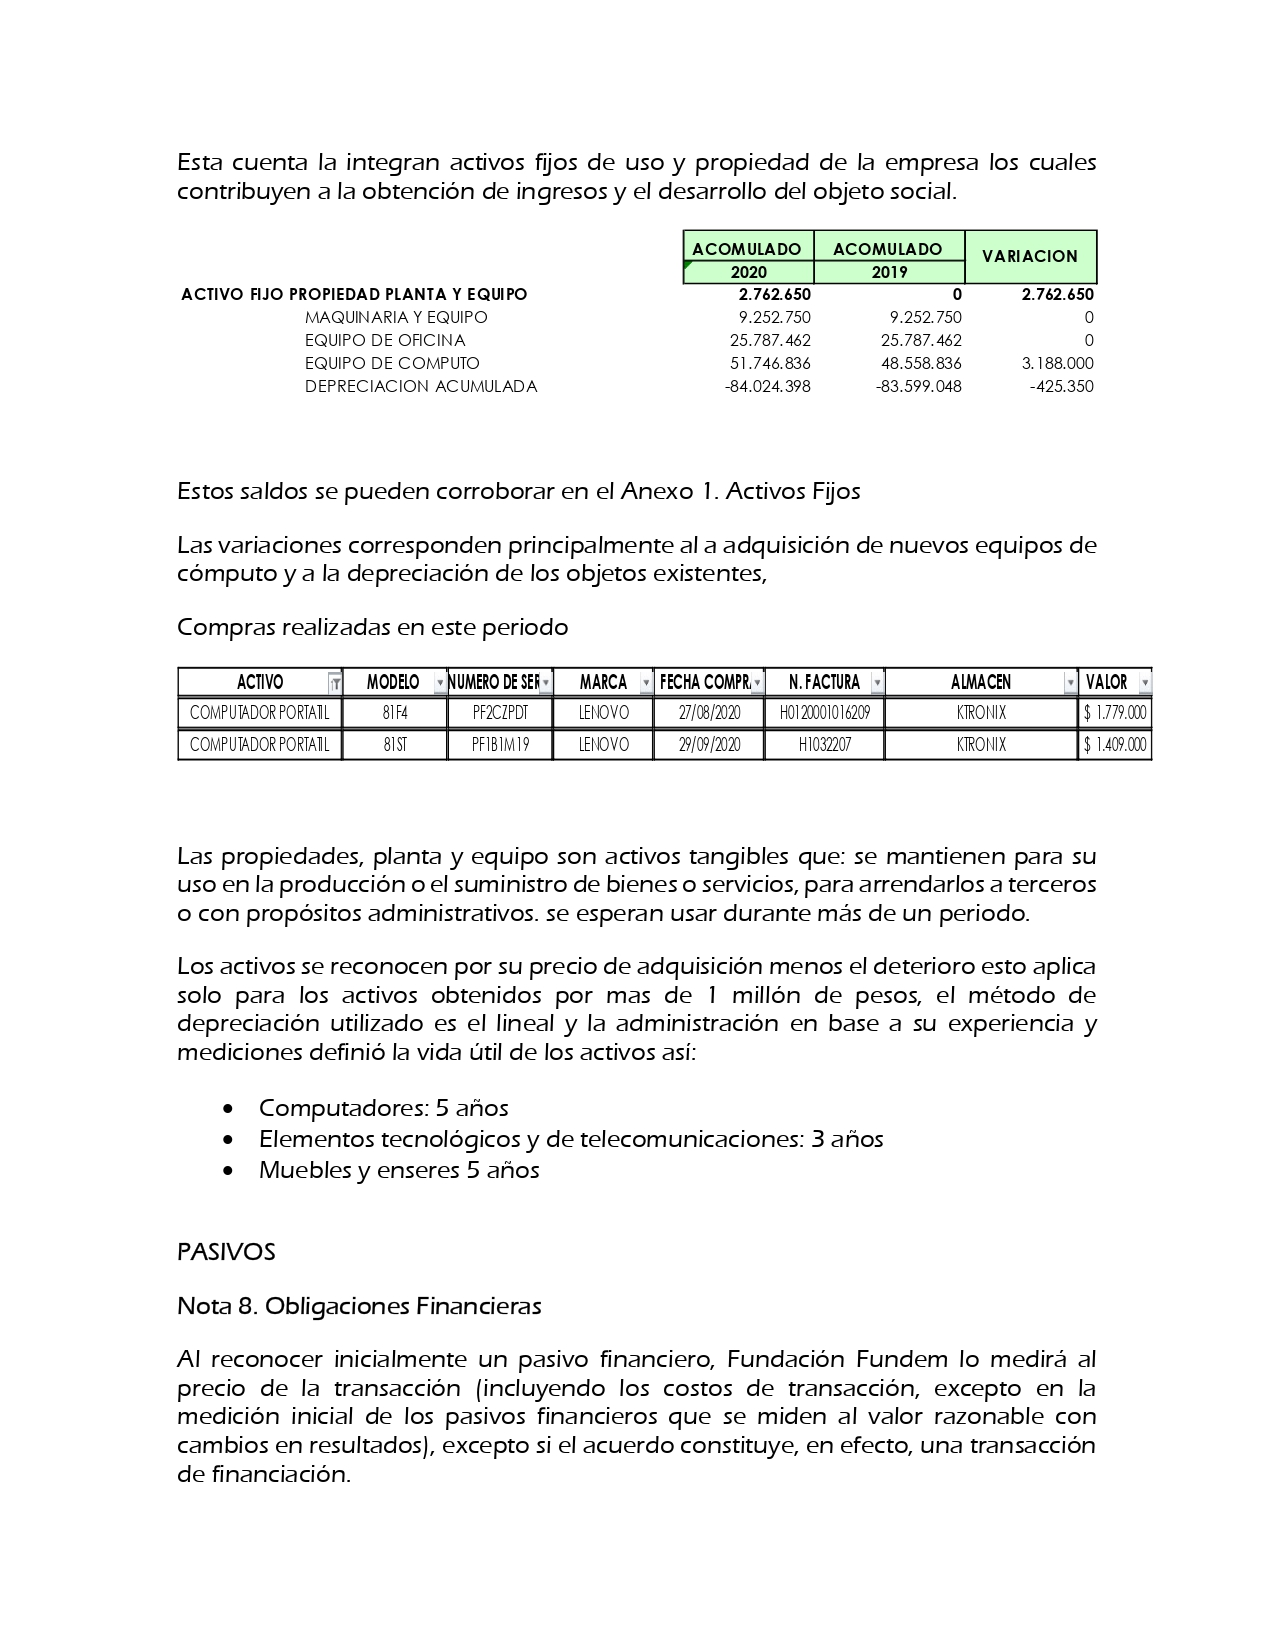 Estados Financieros Fundacion Fundem 2020_page-0020